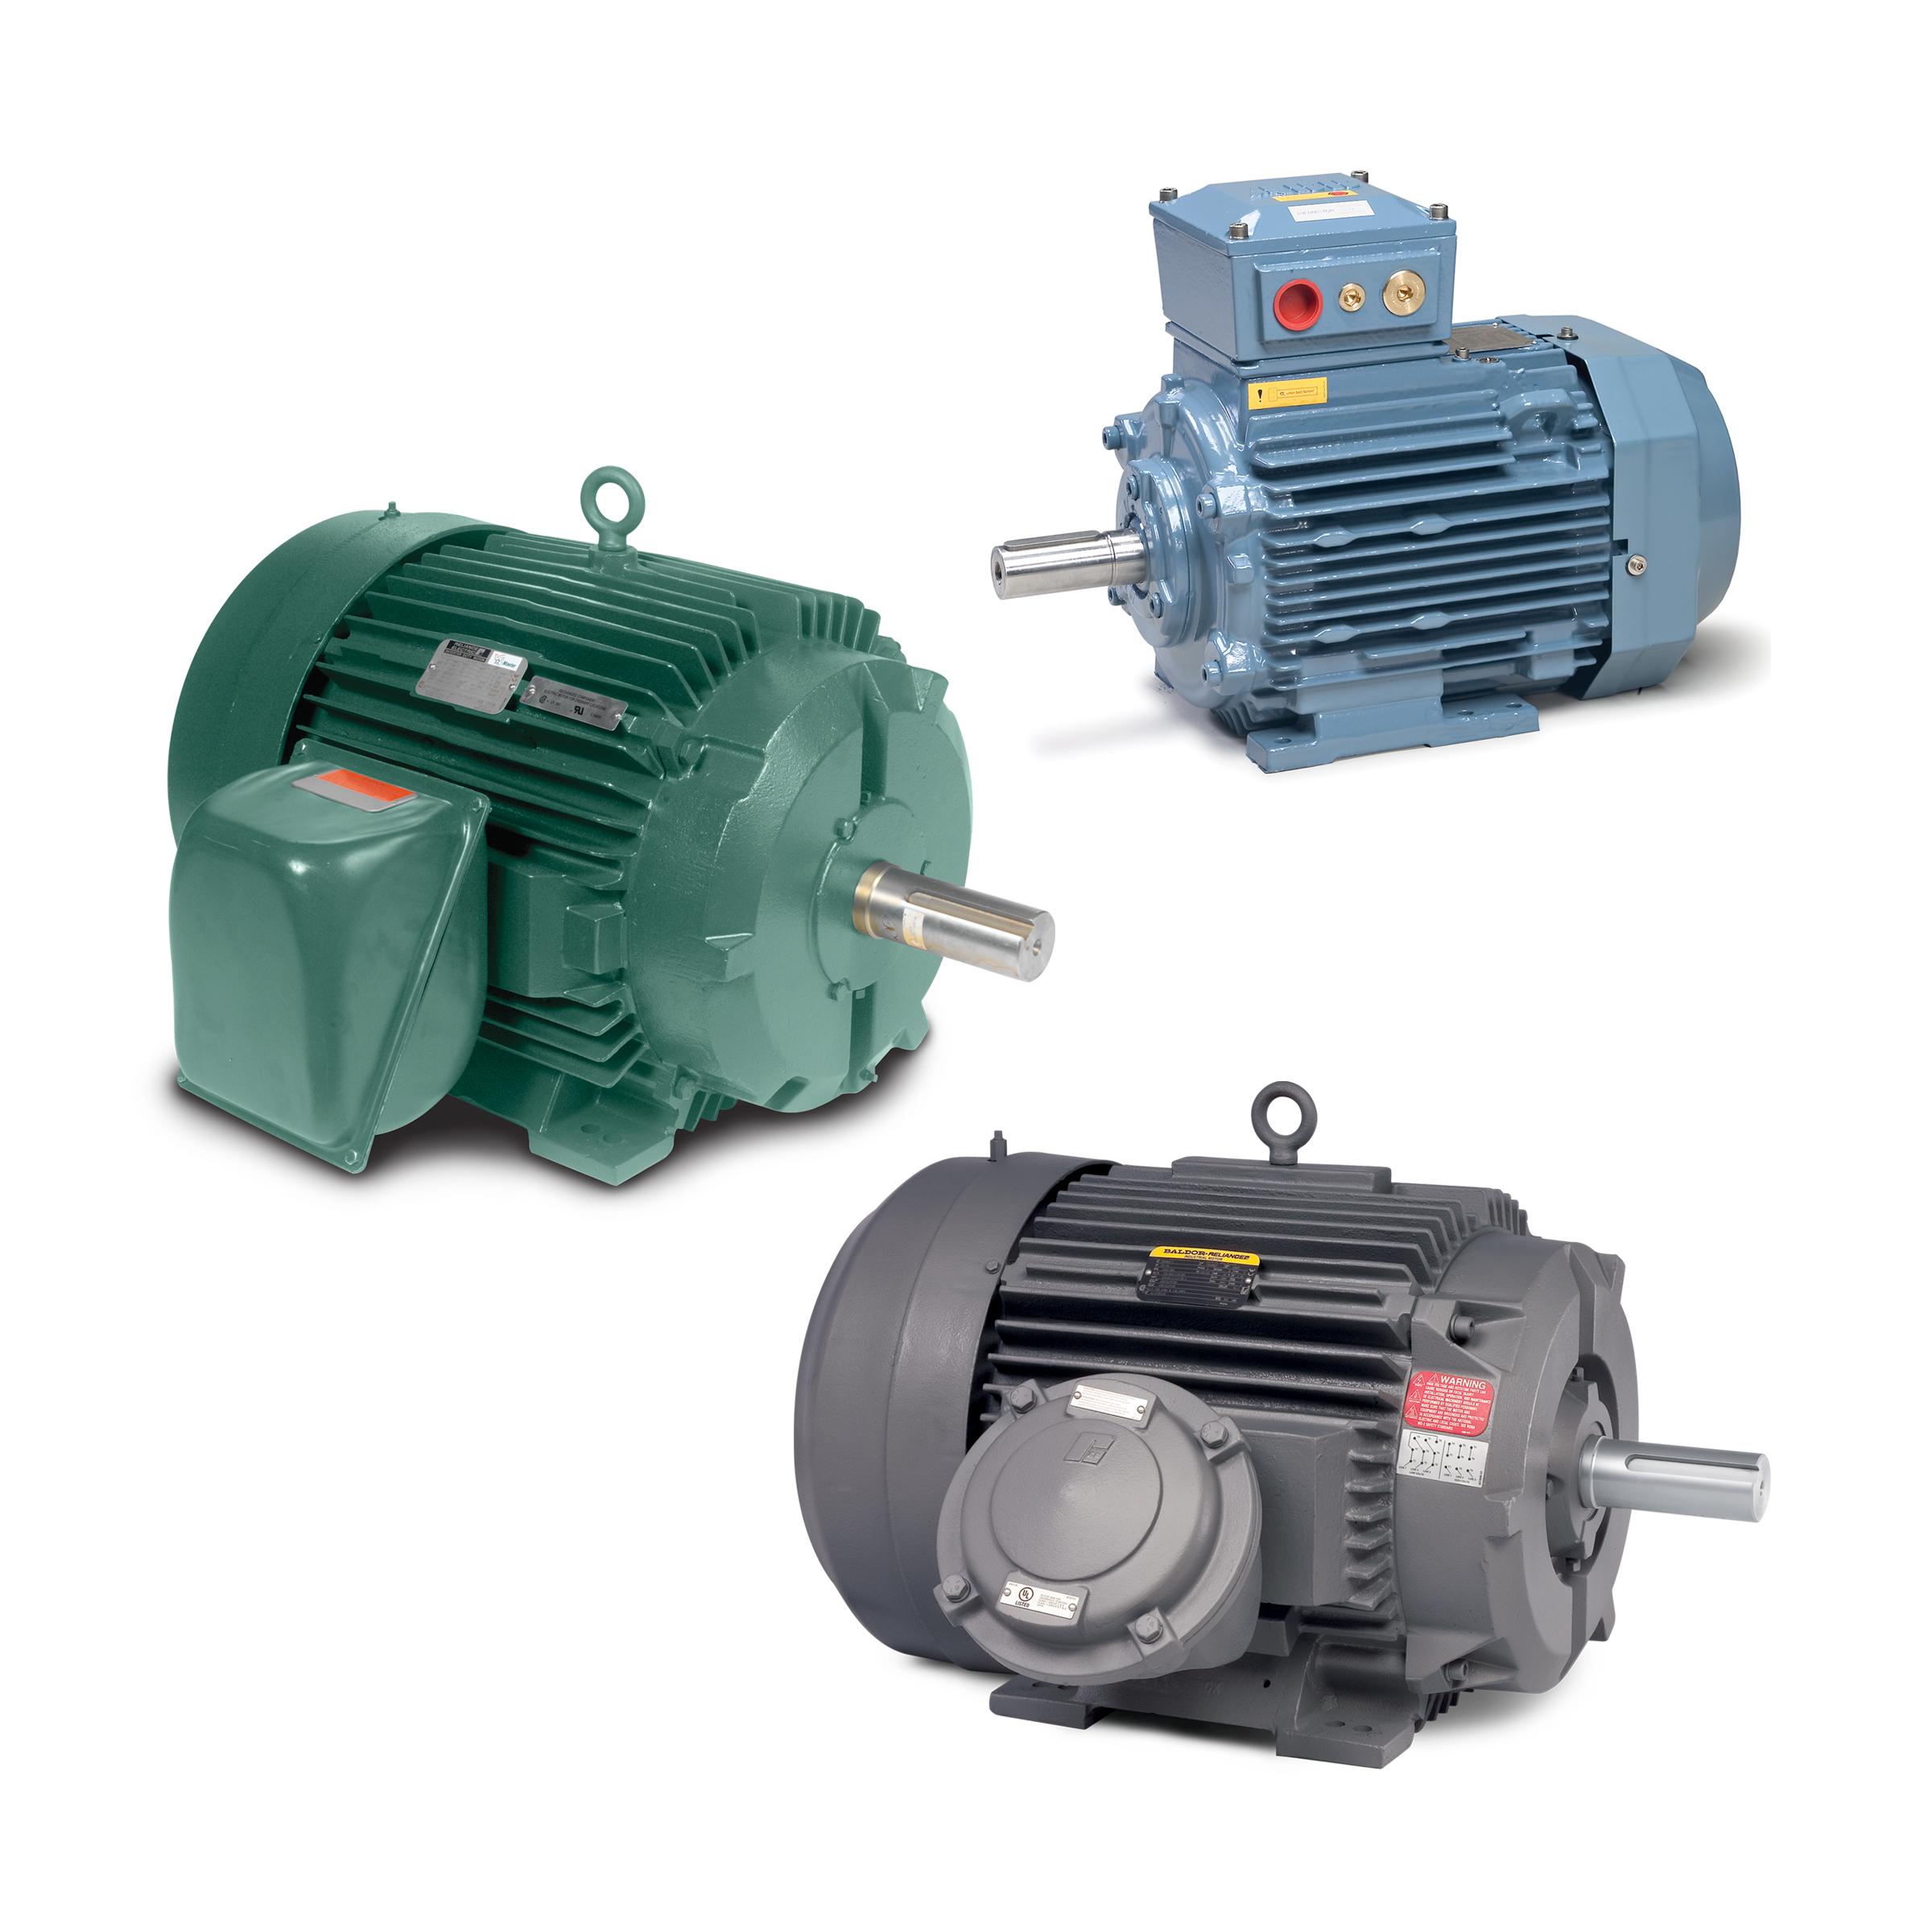 Baldor Servo Motor Wiring Diagram - Wiring Diagrams •